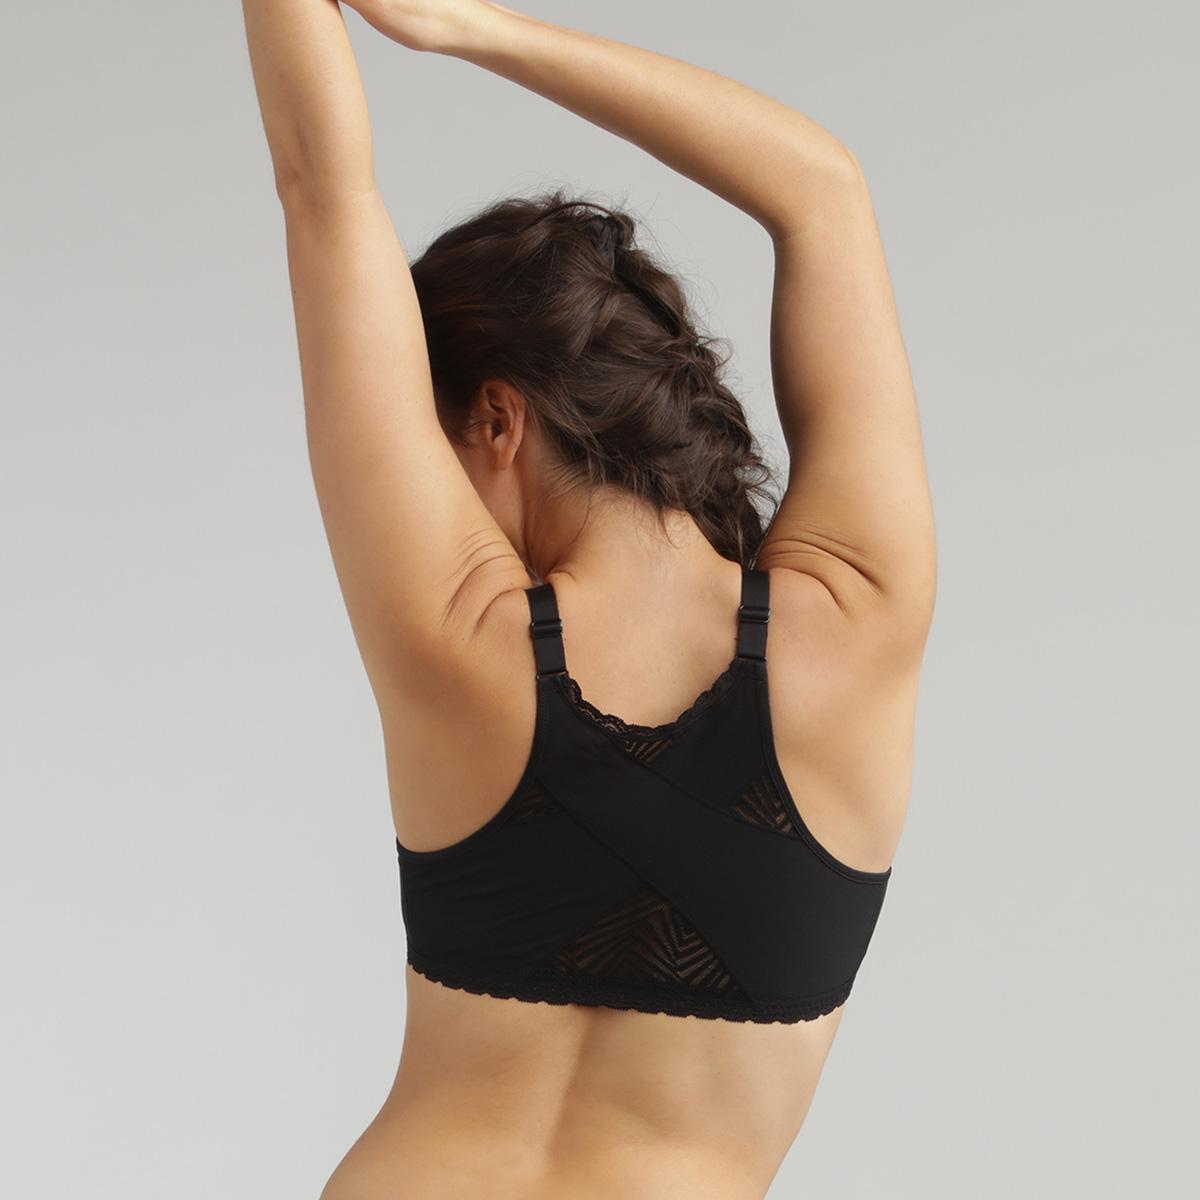 Reggiseno senza ferretto aperto davanti nero Ideal Posture, , PLAYTEX